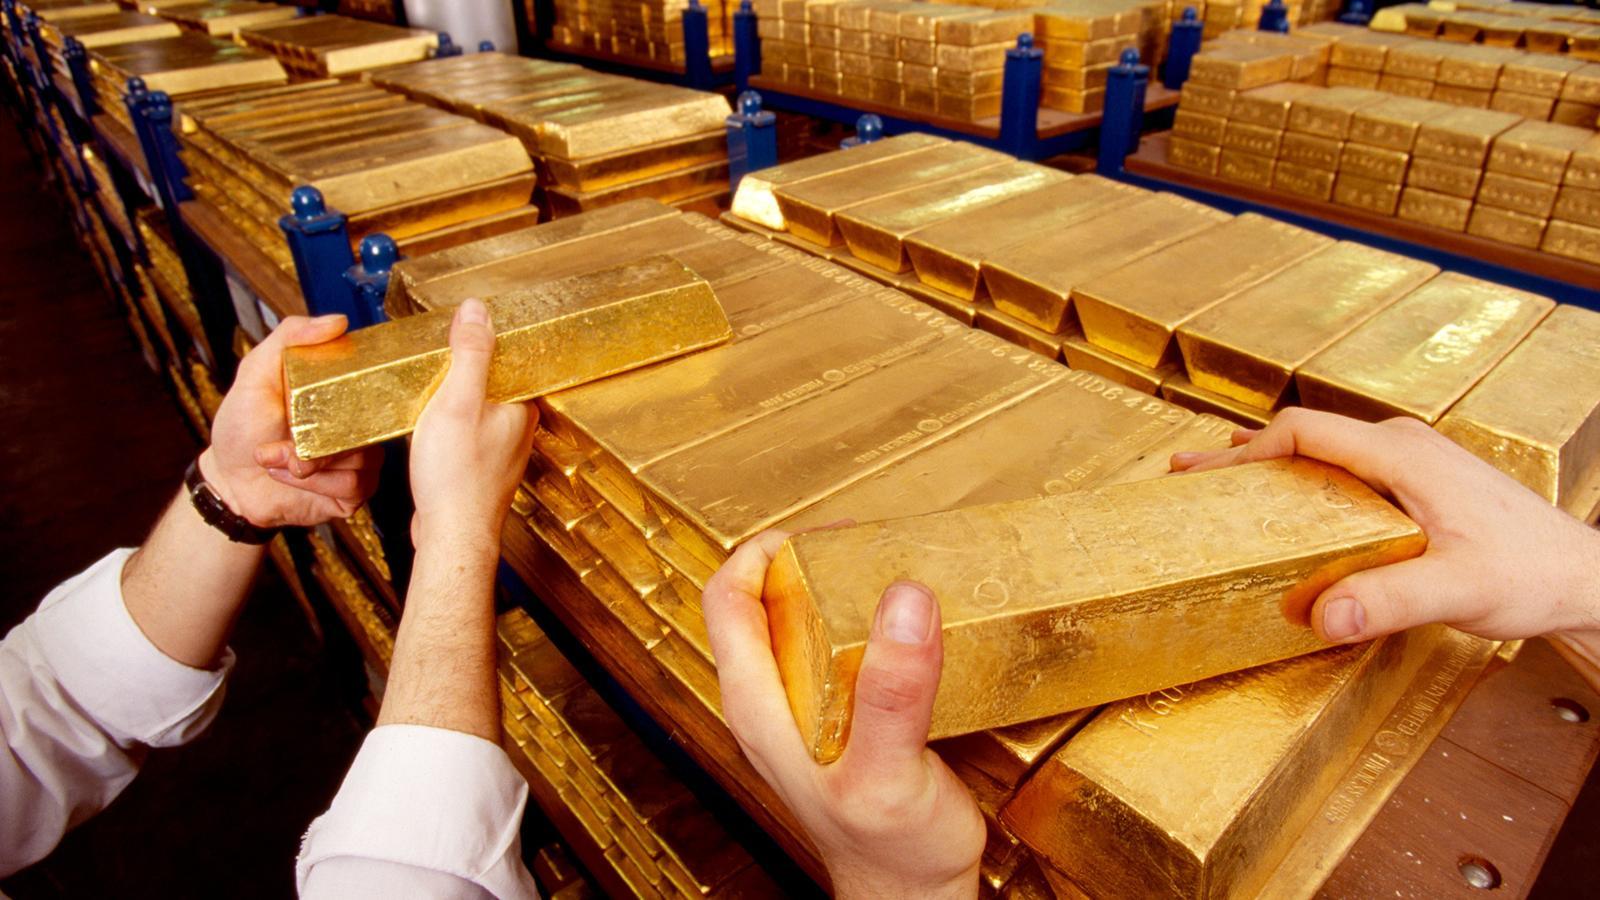 Les barres d'or de 12 kilos sont alignées sur des étagères bleues